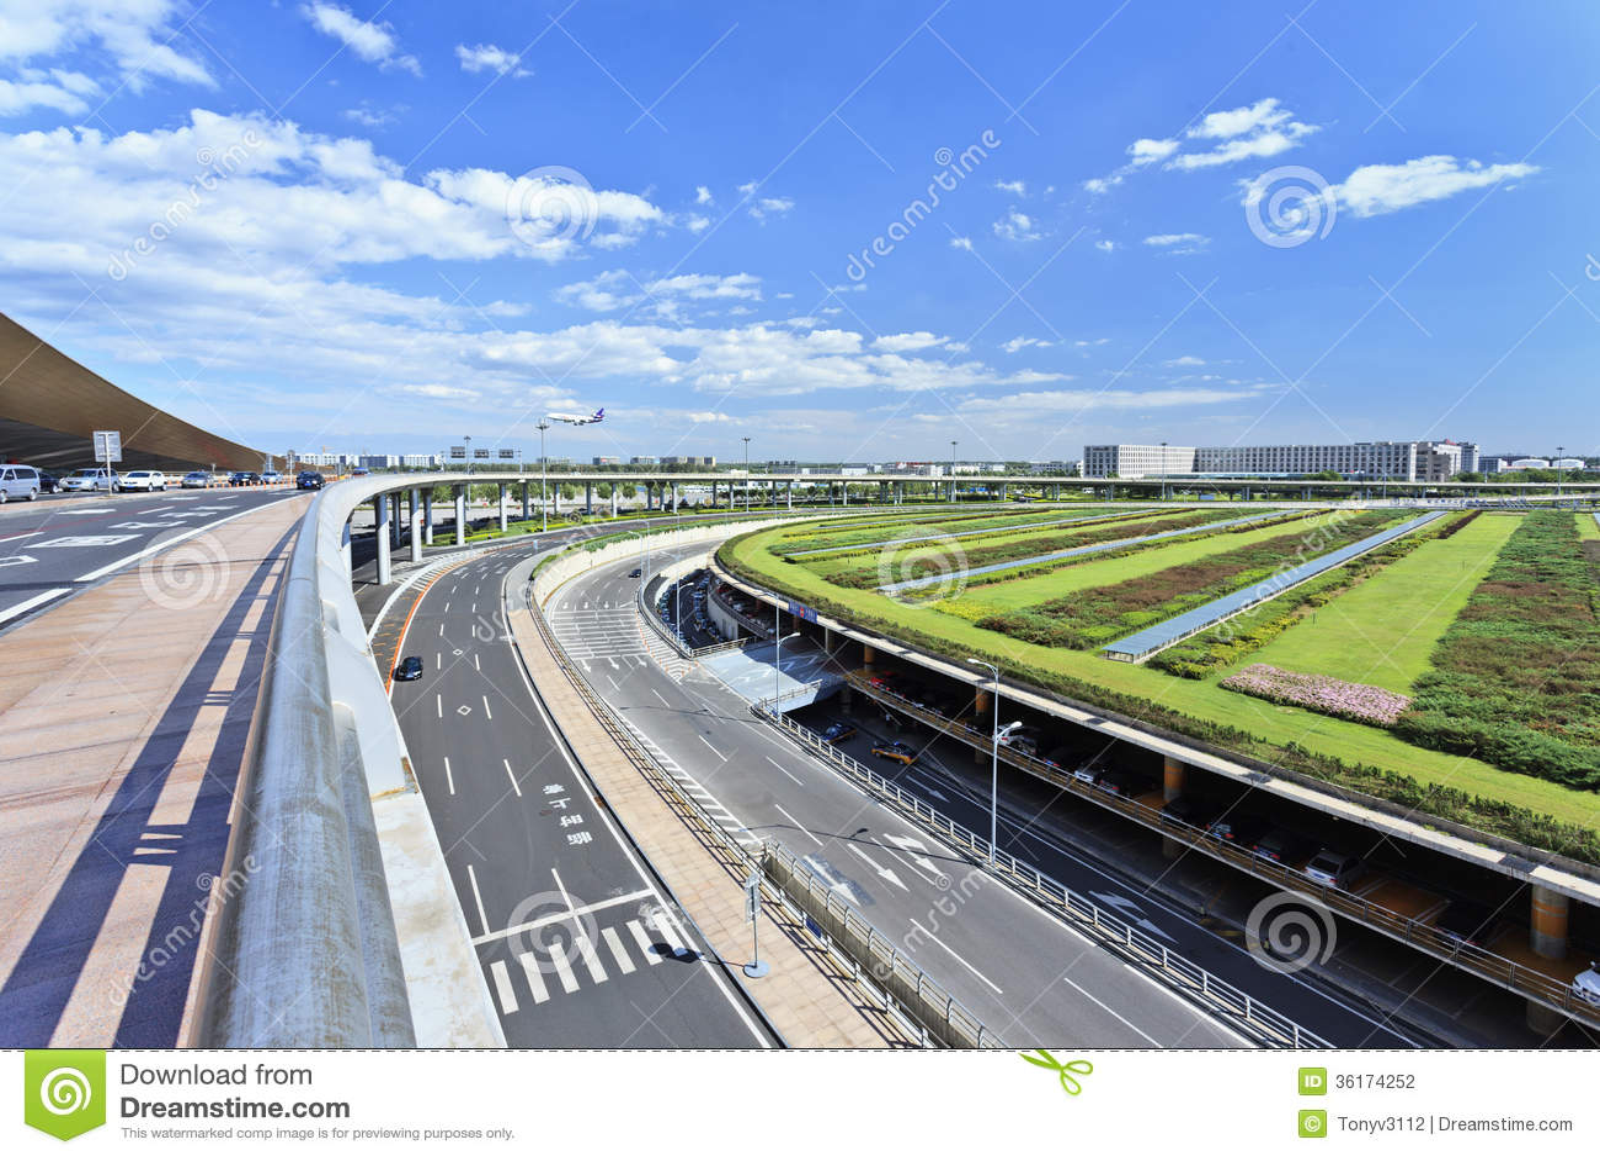 Infrastructure around Beijing Capital Airport.